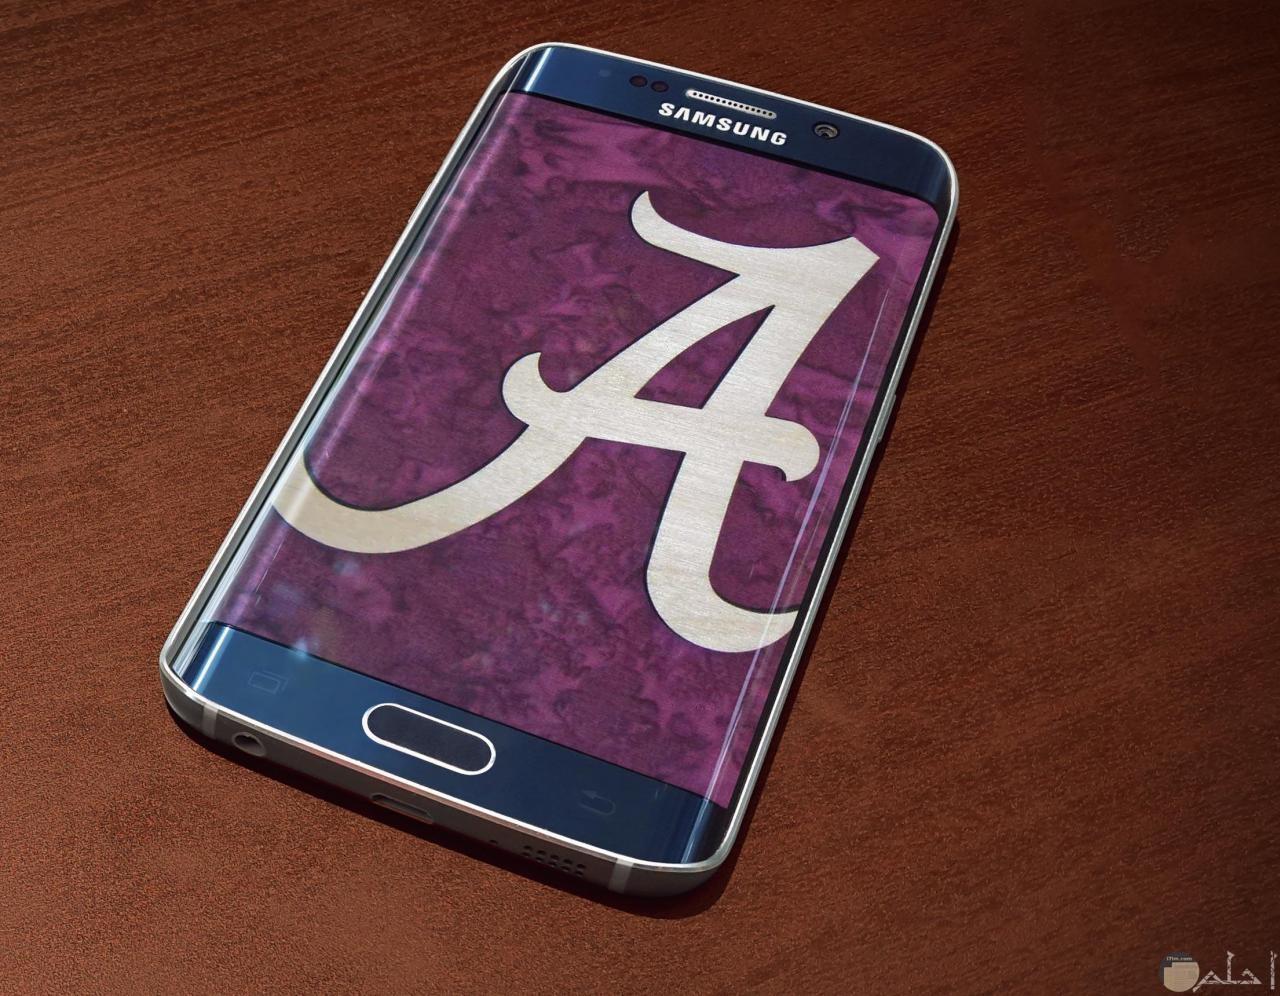 حرف a مزخرف على شاشة تليفون أو هاتف محمول.